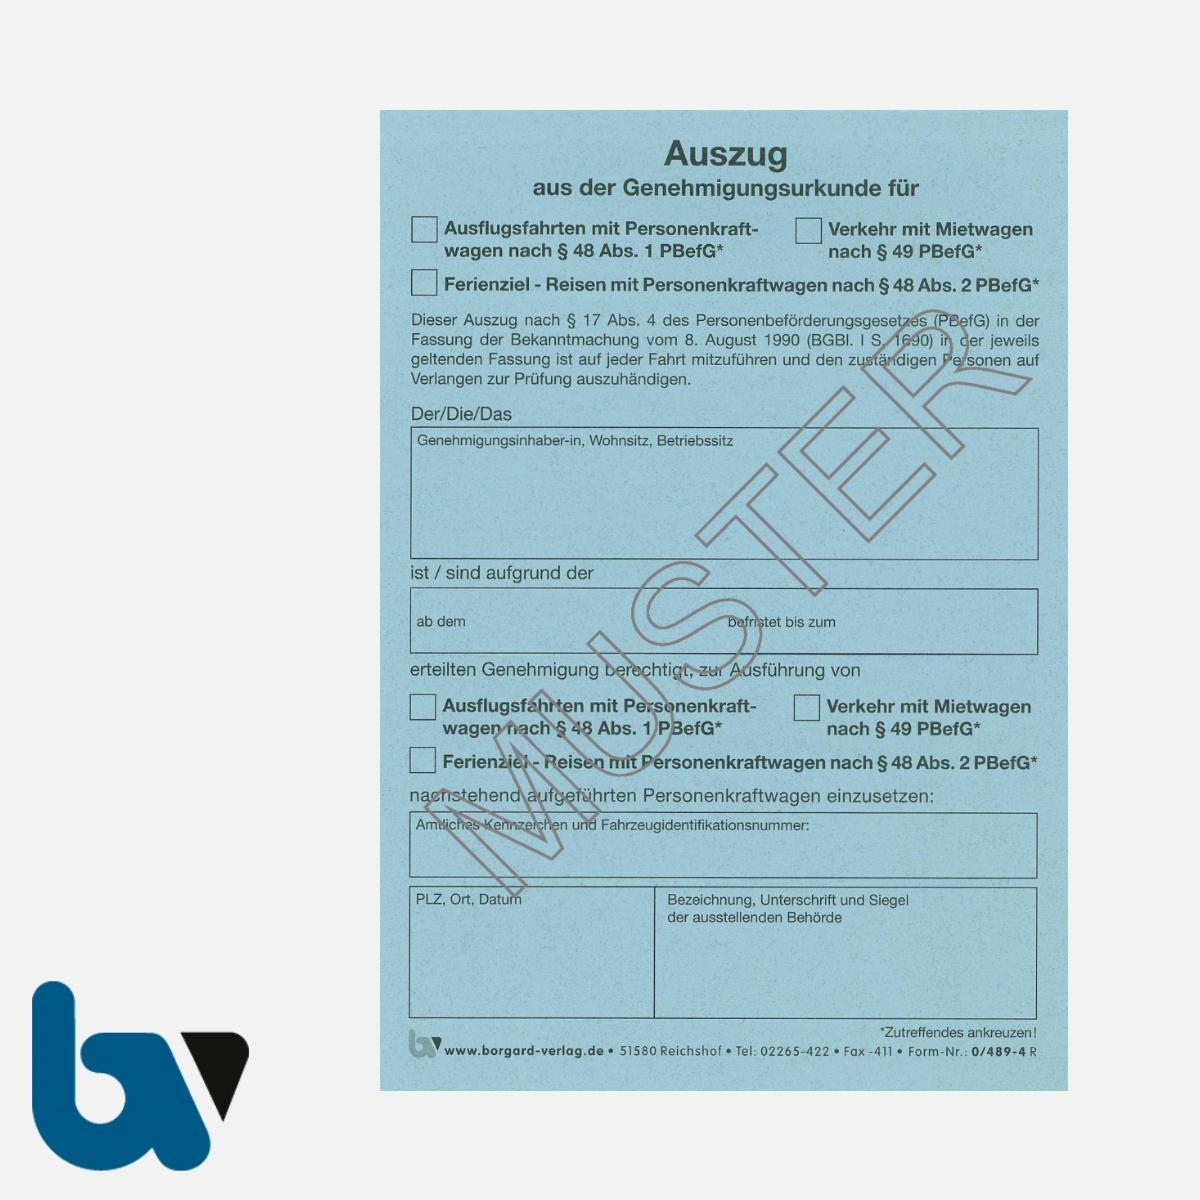 0/489-4 Auszug Genehmigungsurkunde Personenbeförderung PBefG Ausflugsfahrten Verkehr Mietwagen Reisen Ferienziel 2-fach selbstdurchschreibend Neobond blau DIN A6 | Borgard Verlag GmbH